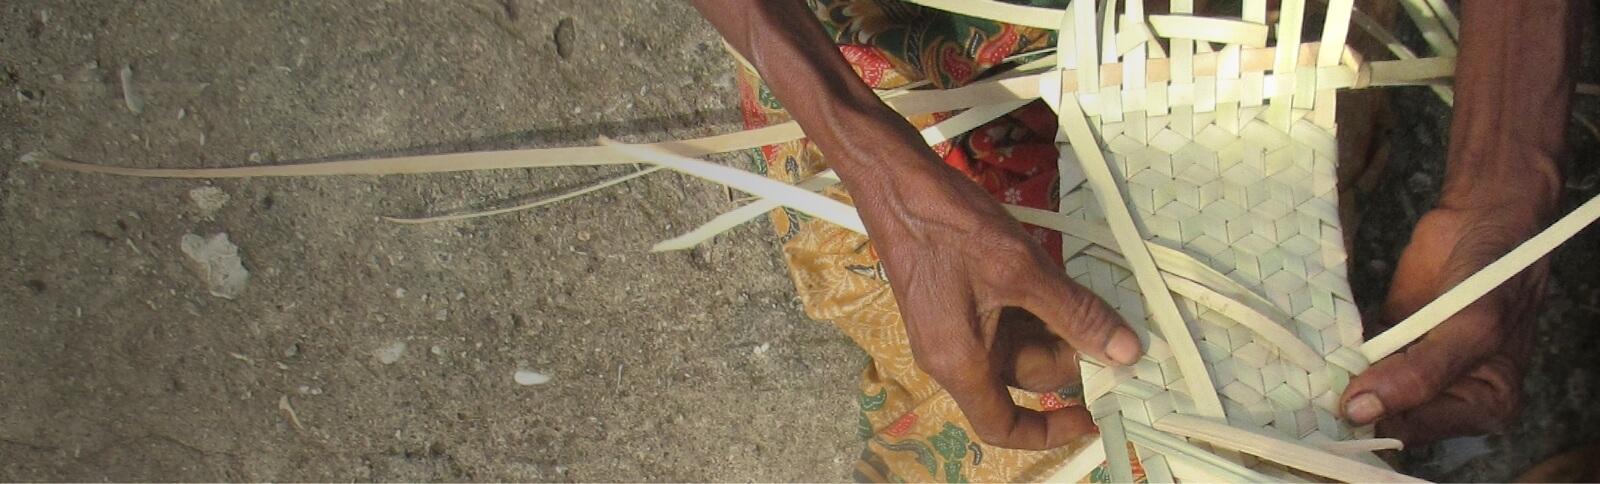 Perbaikan & Pencegahan Masalah Malnutrisi